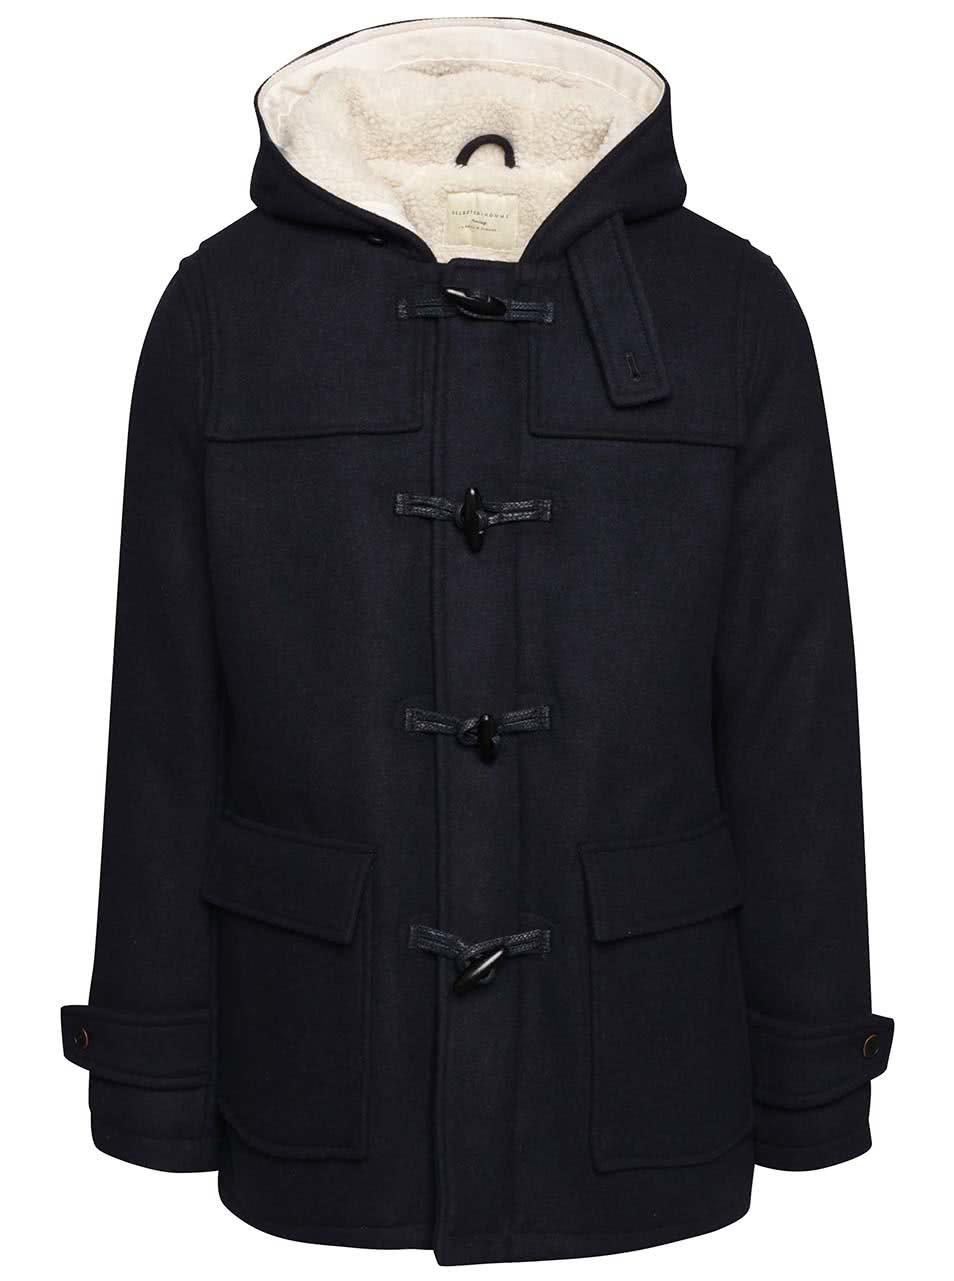 Tmavě modrý vlněný kabát s kapucí Selected Homme Carlyle